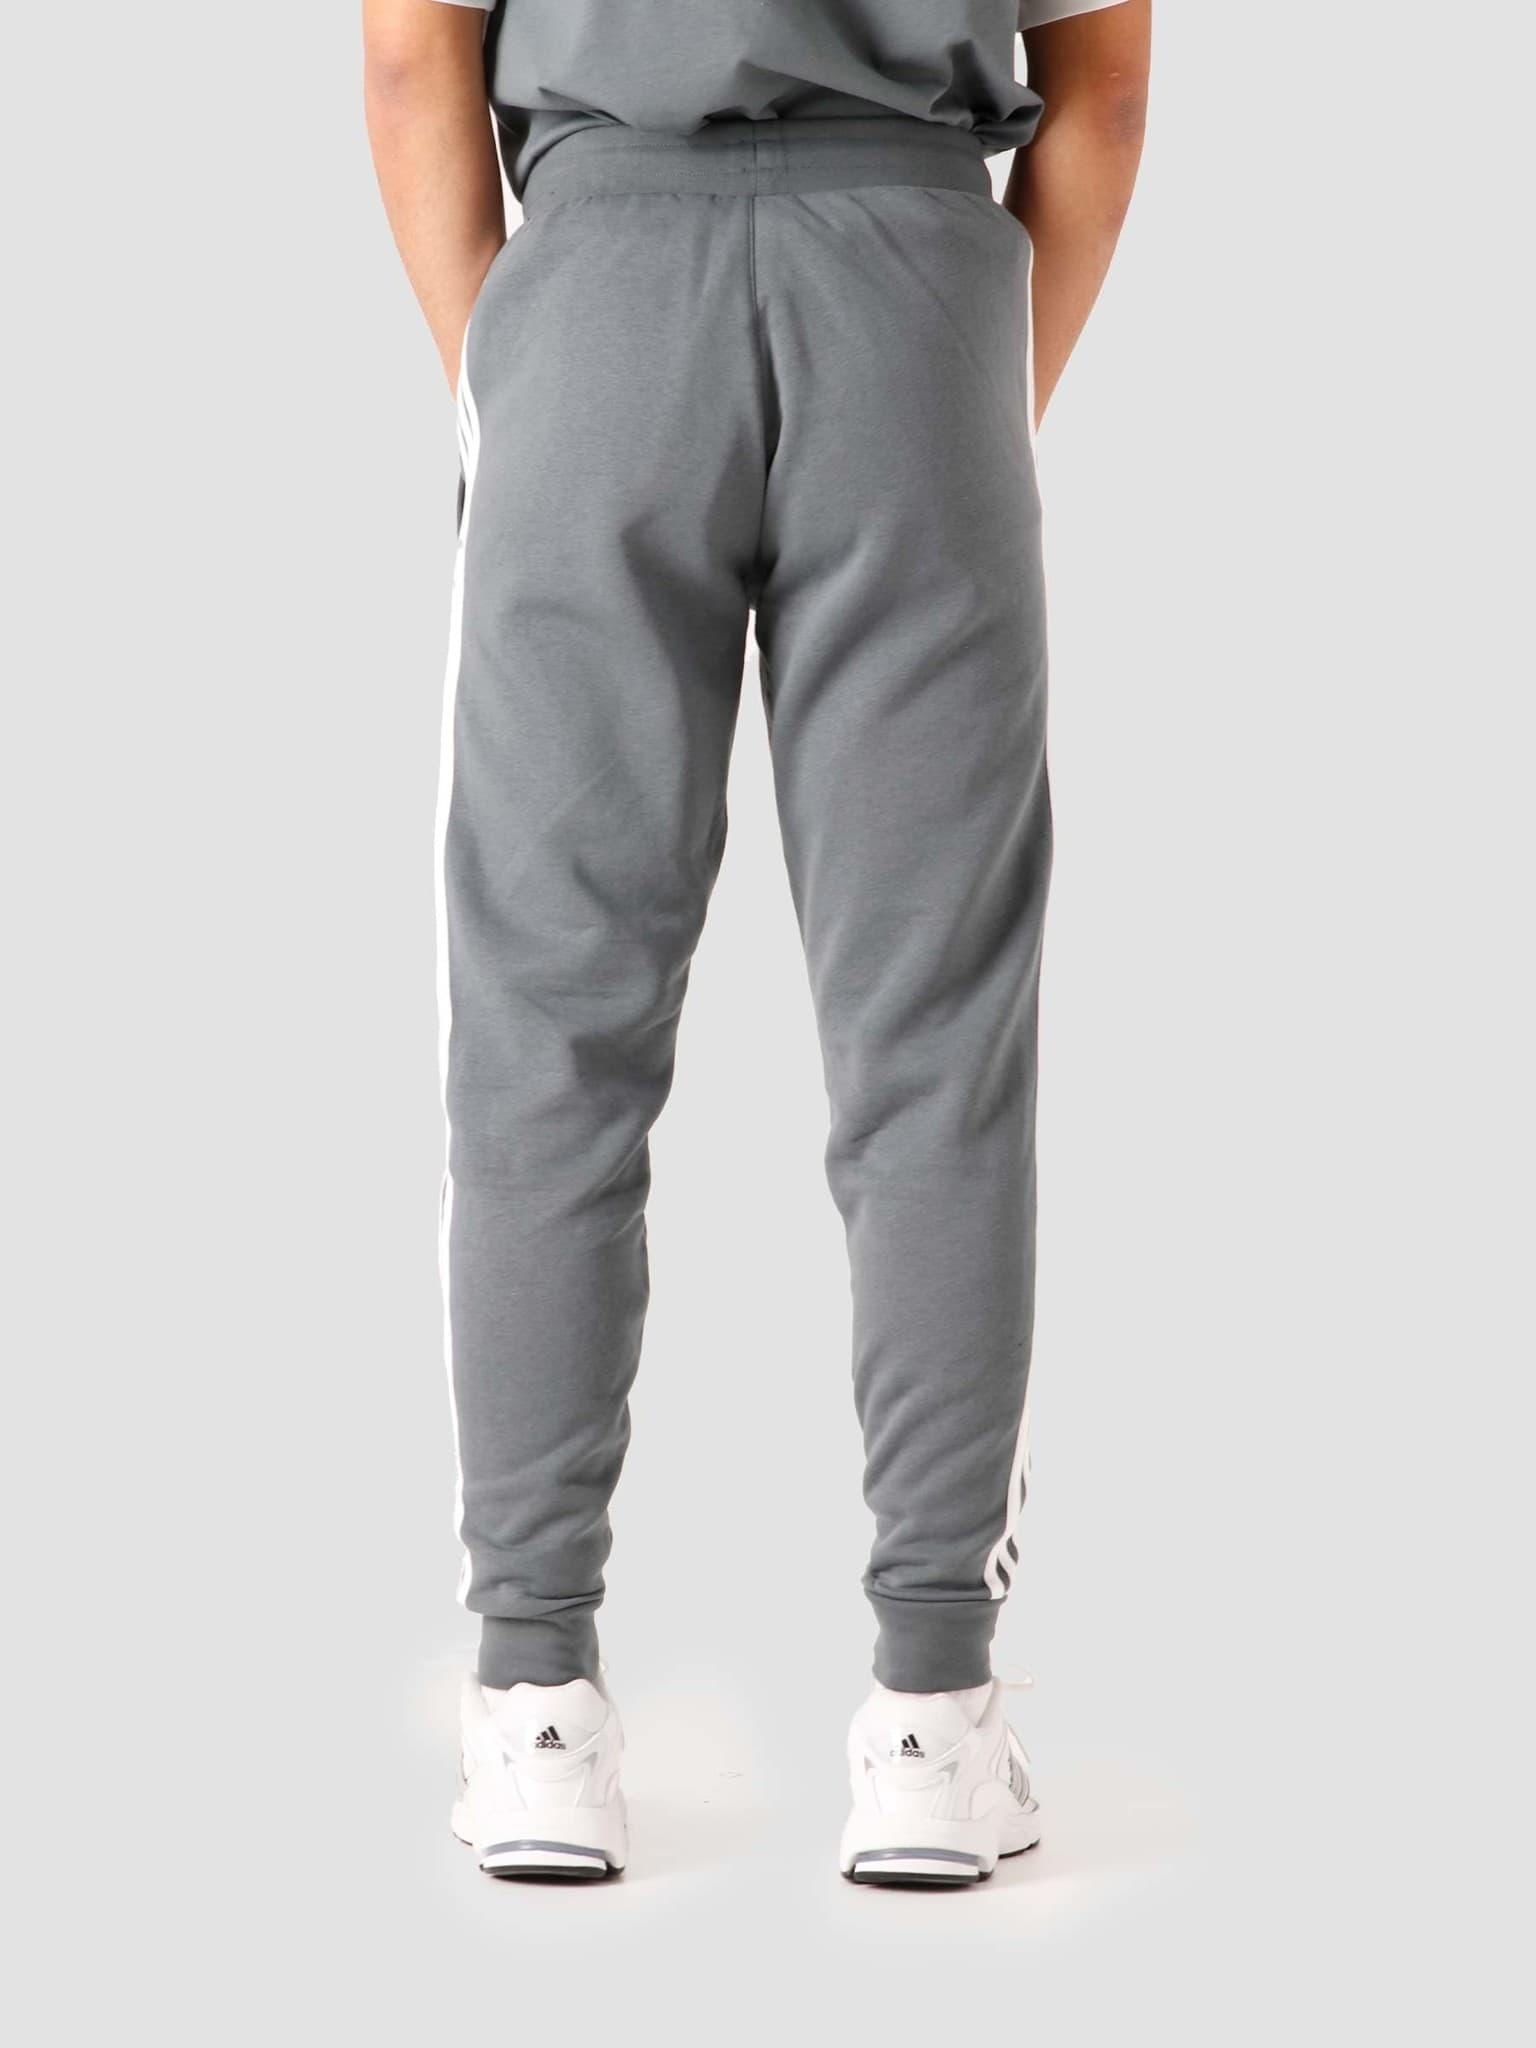 3-Stripes Pant Blue Oxide GN3529